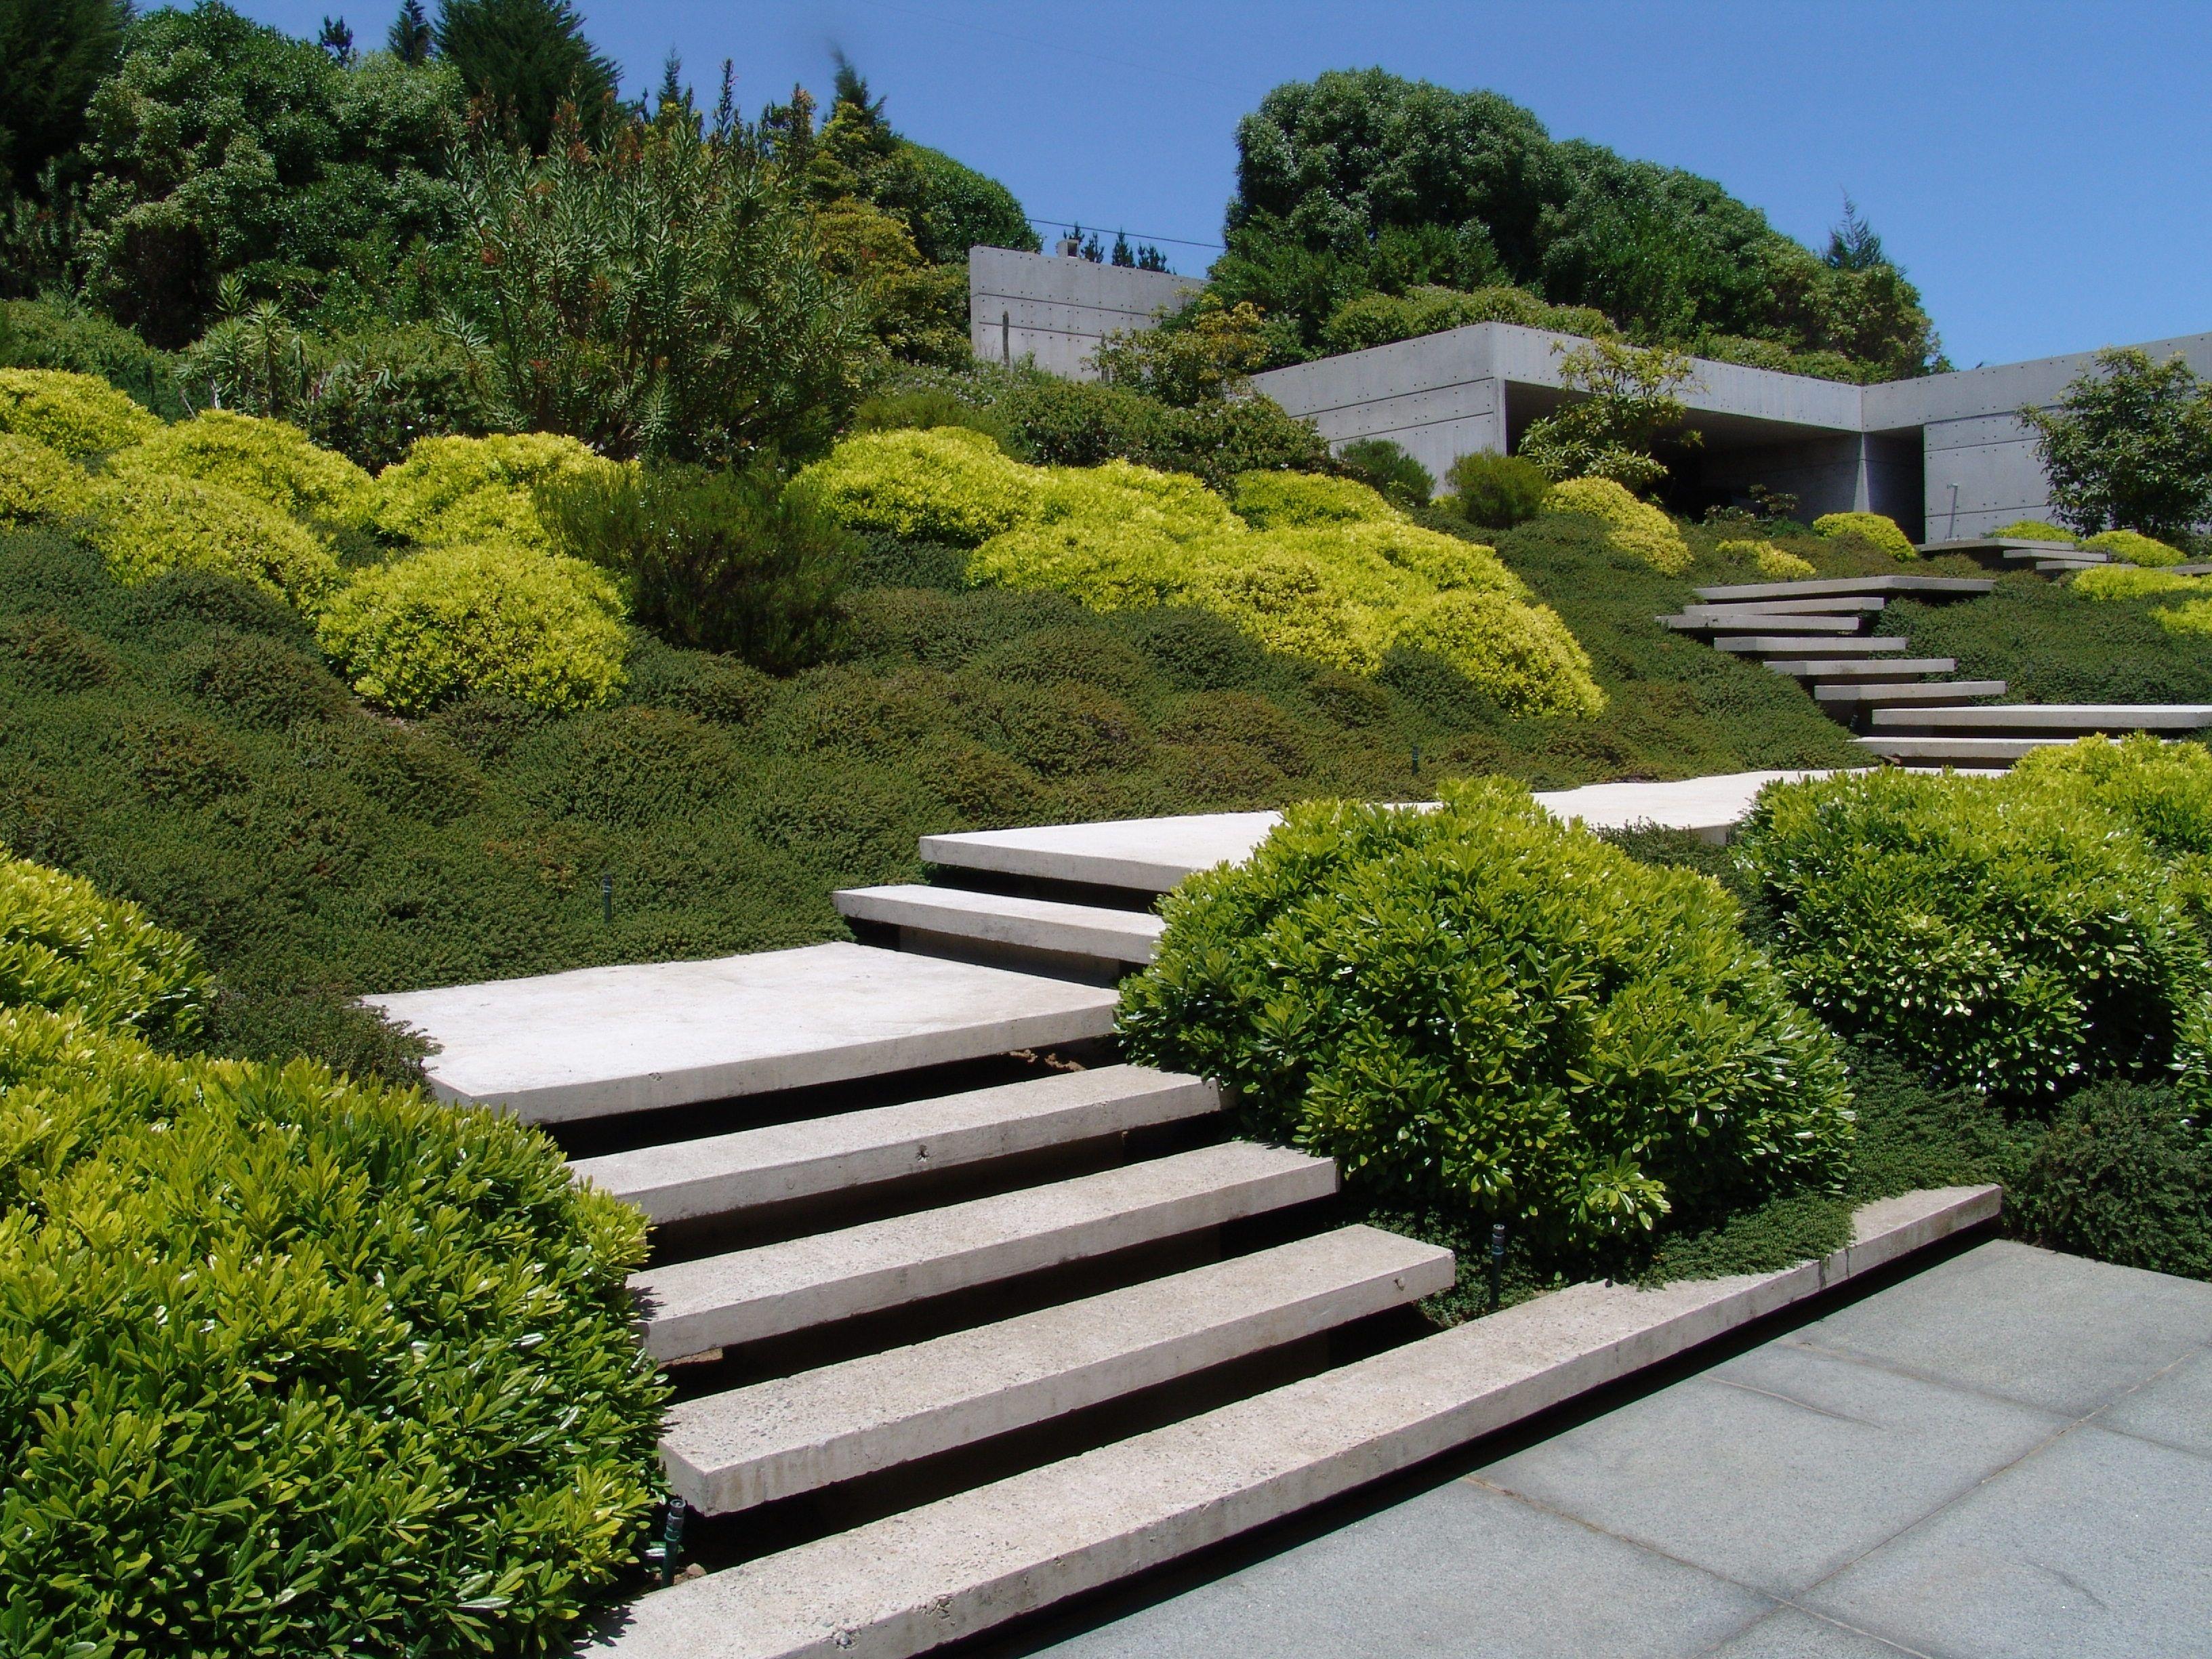 Garden 'Papudo' by Chilean landscape architect Juan Grimm